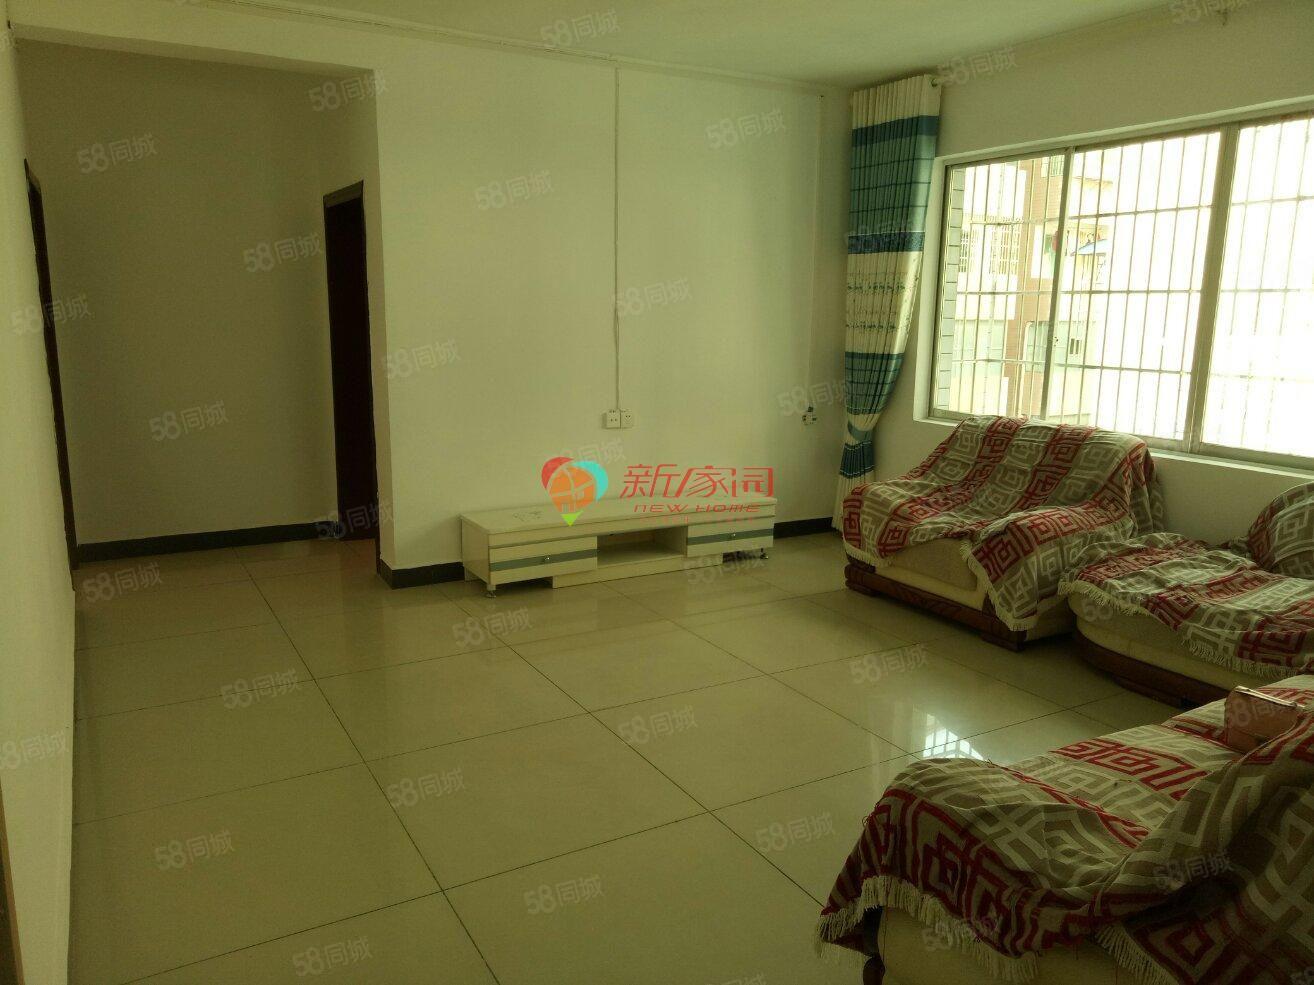 《新家园房产》金滩韩家平3室1厅家电齐全,交通方便